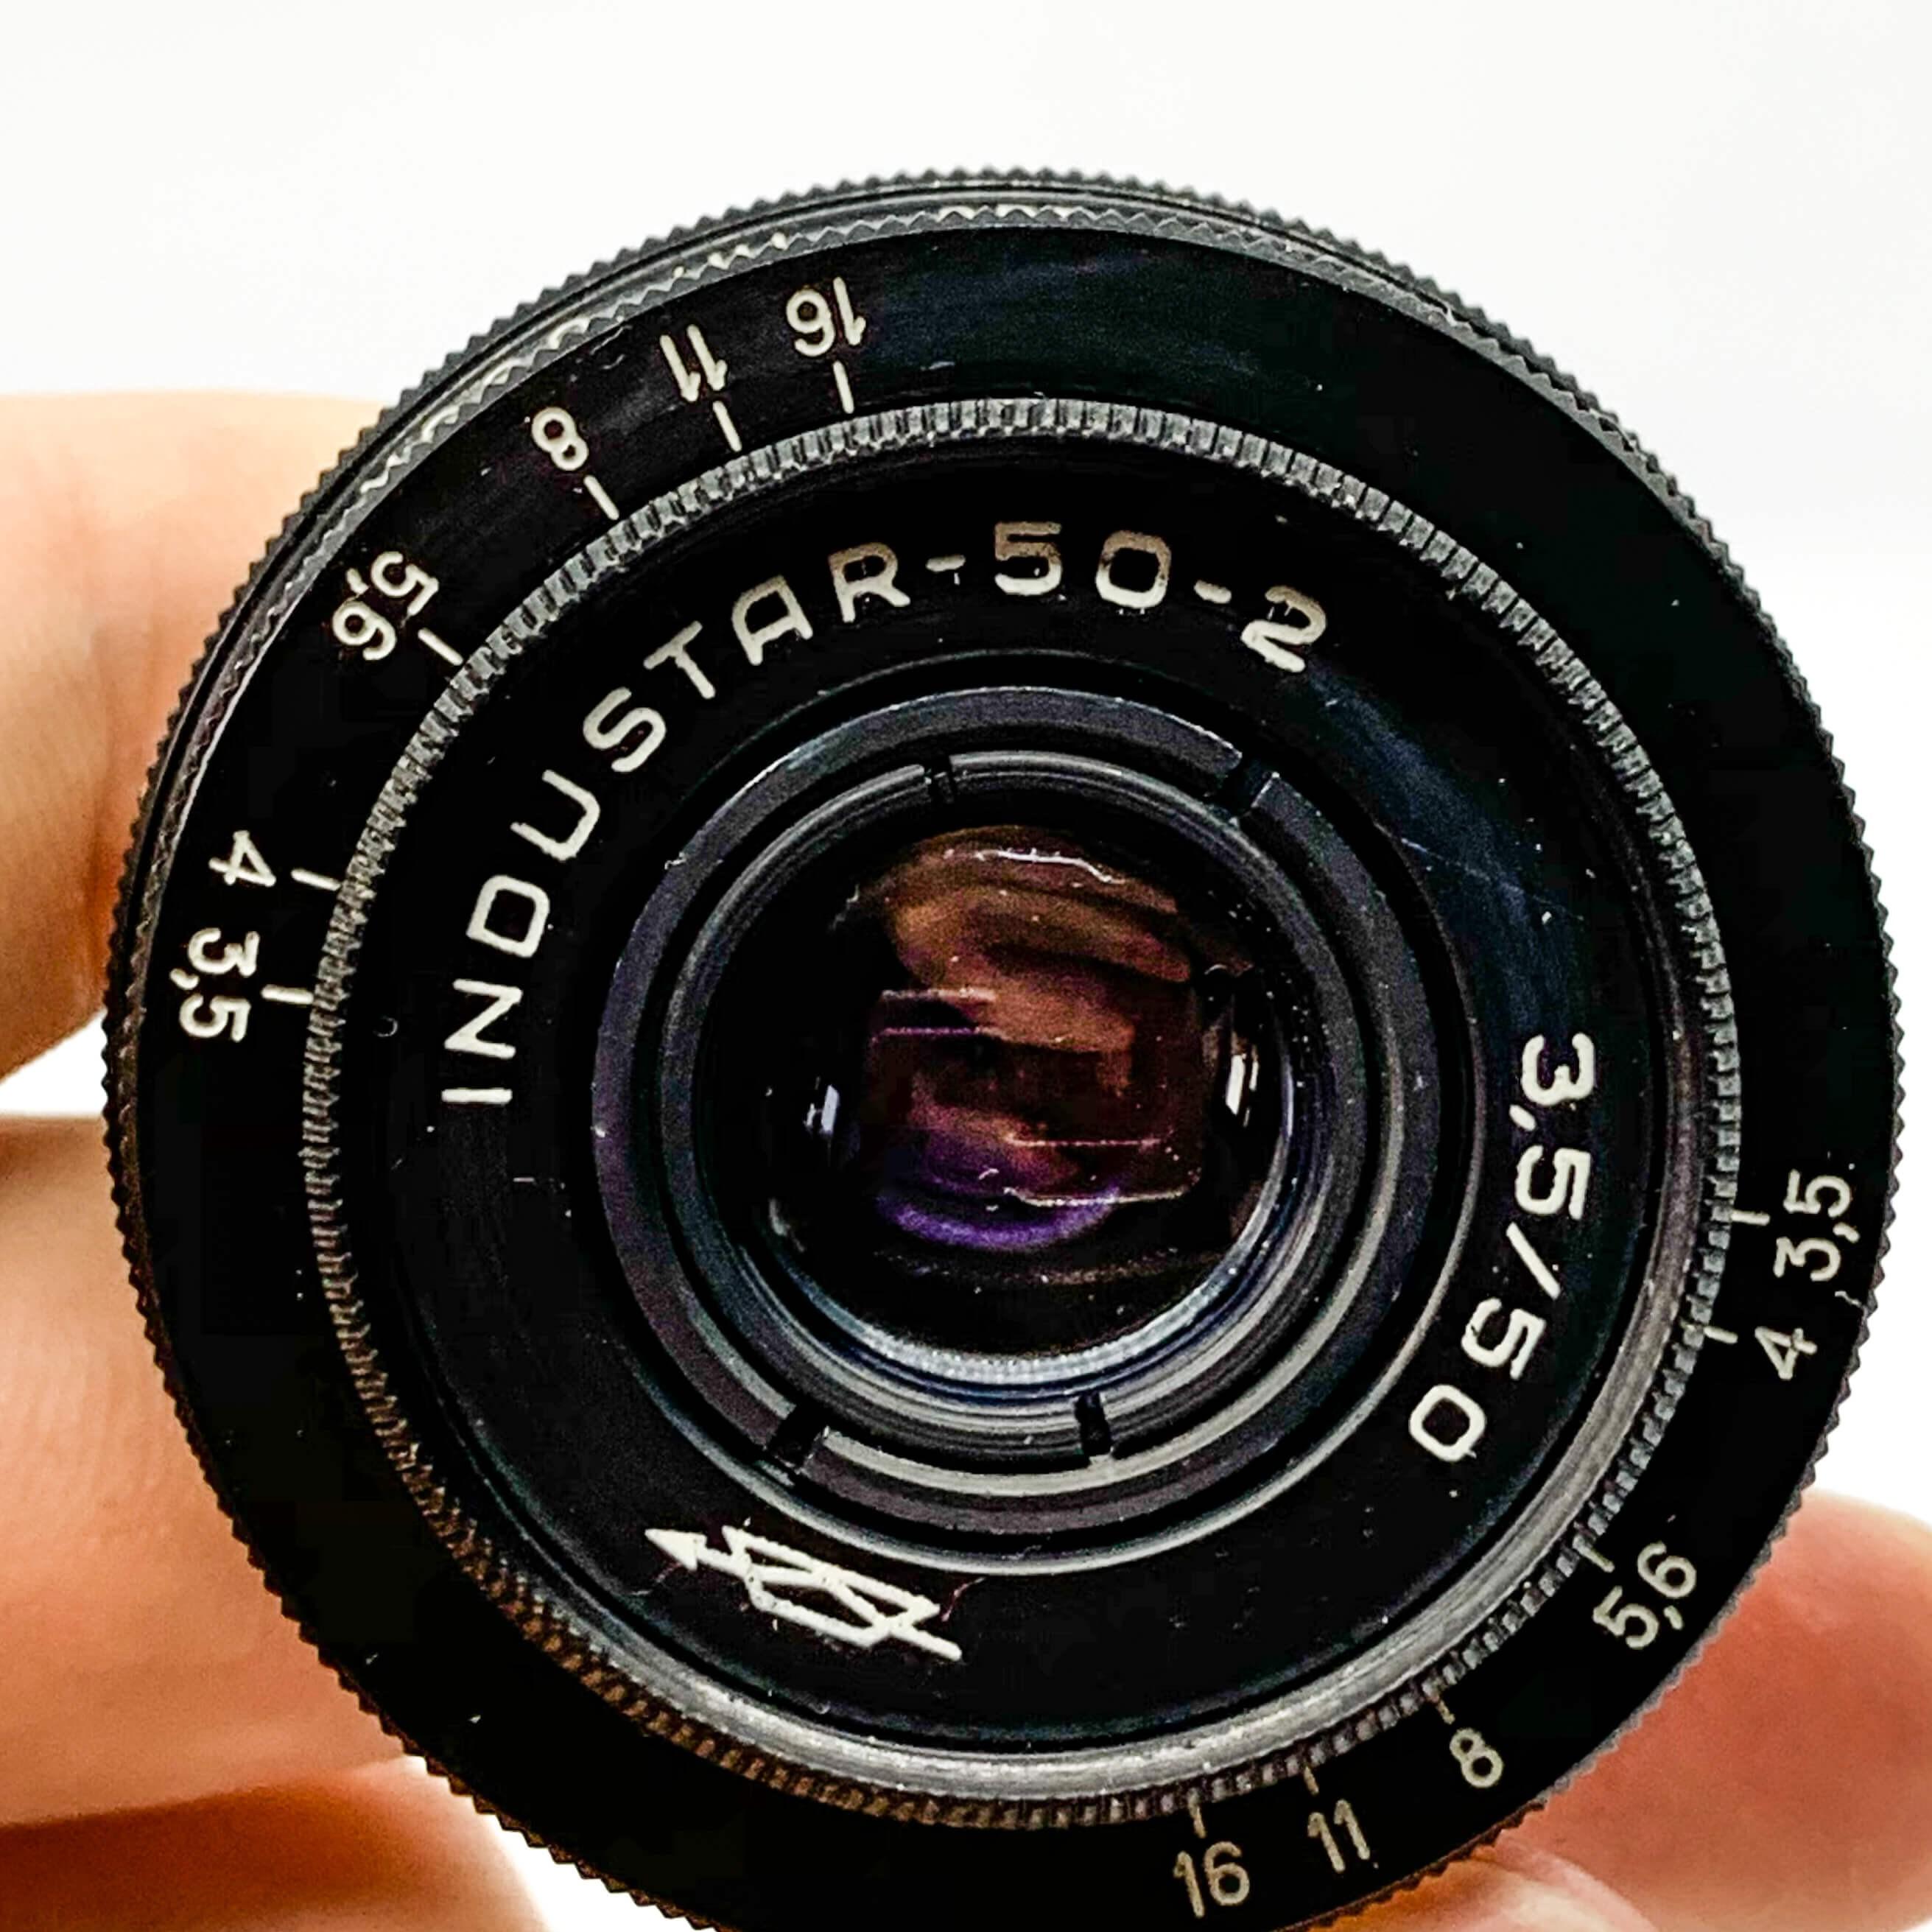 Industar 50mm lens on white background